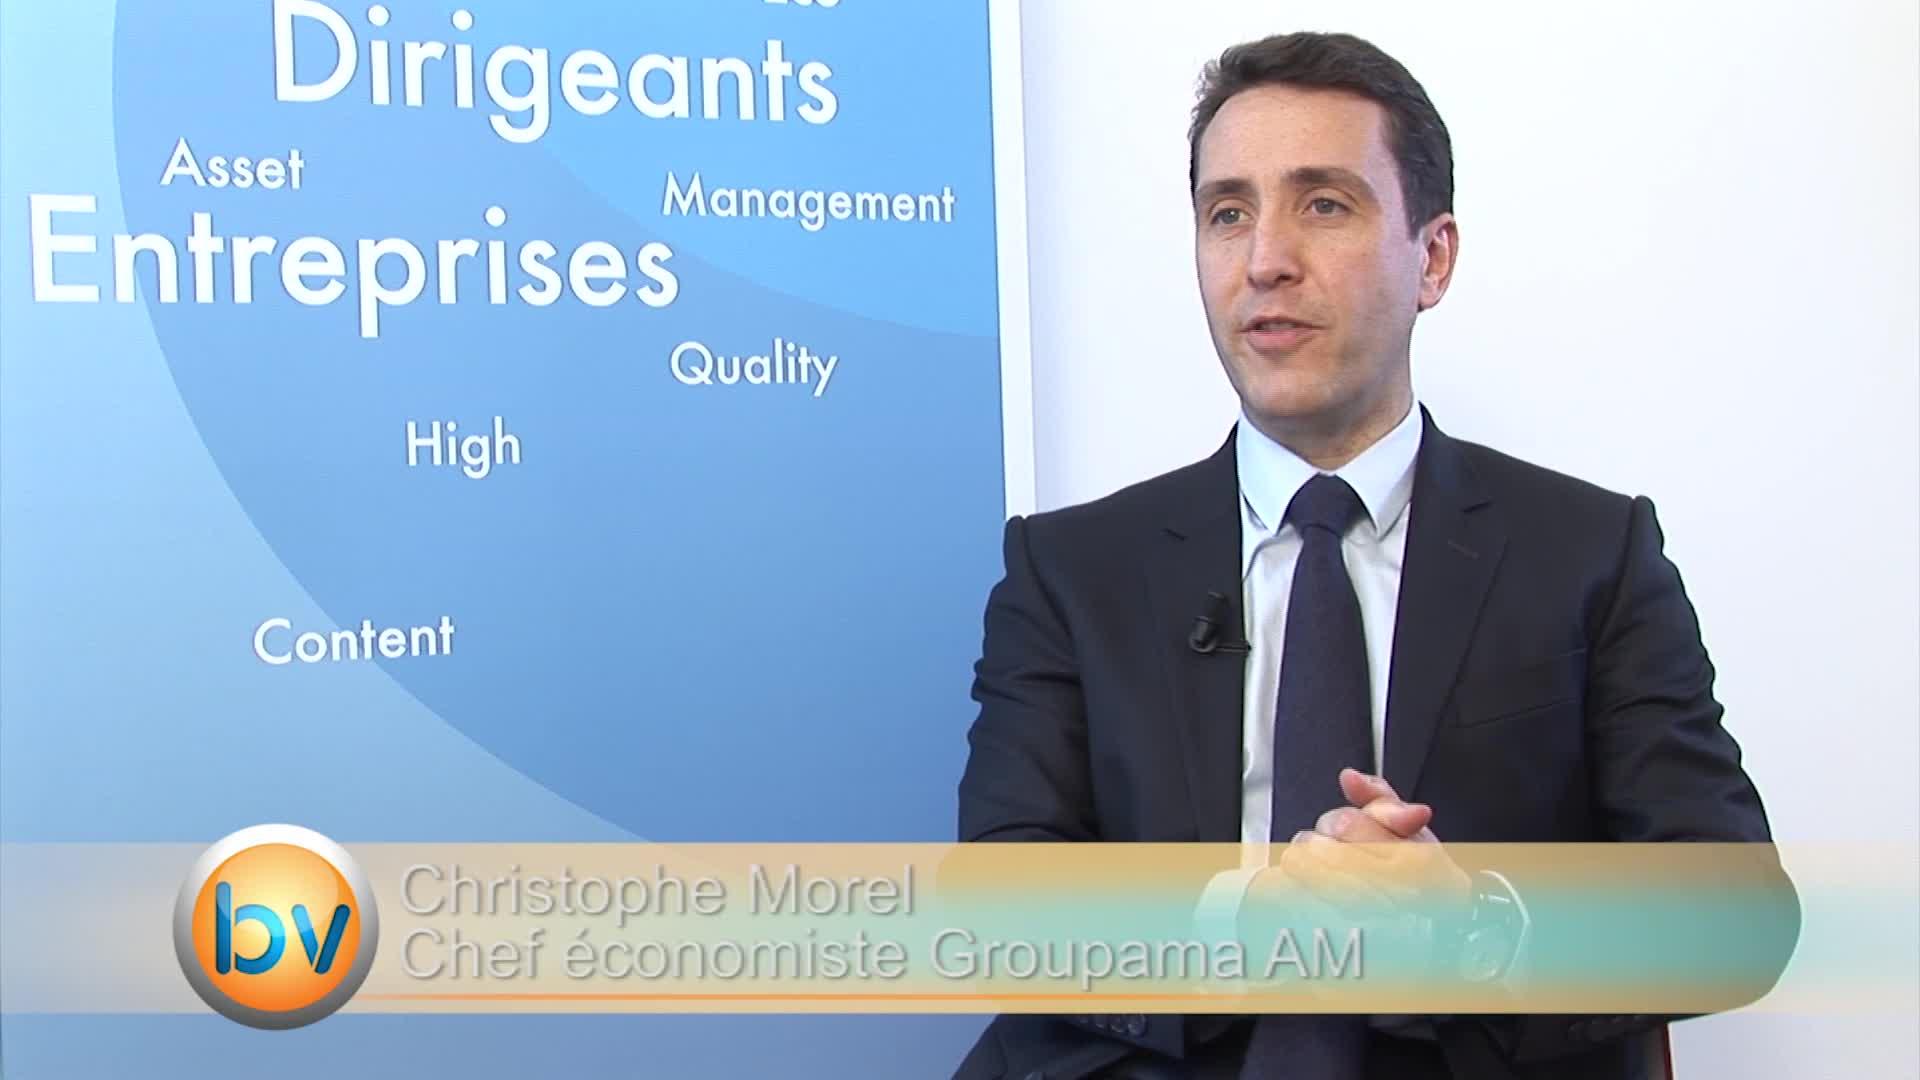 """Christophe Morel Chef économiste Groupama AM : """"Nous pensons toujours que la FED va monter ses taux plus tôt que prévu"""""""